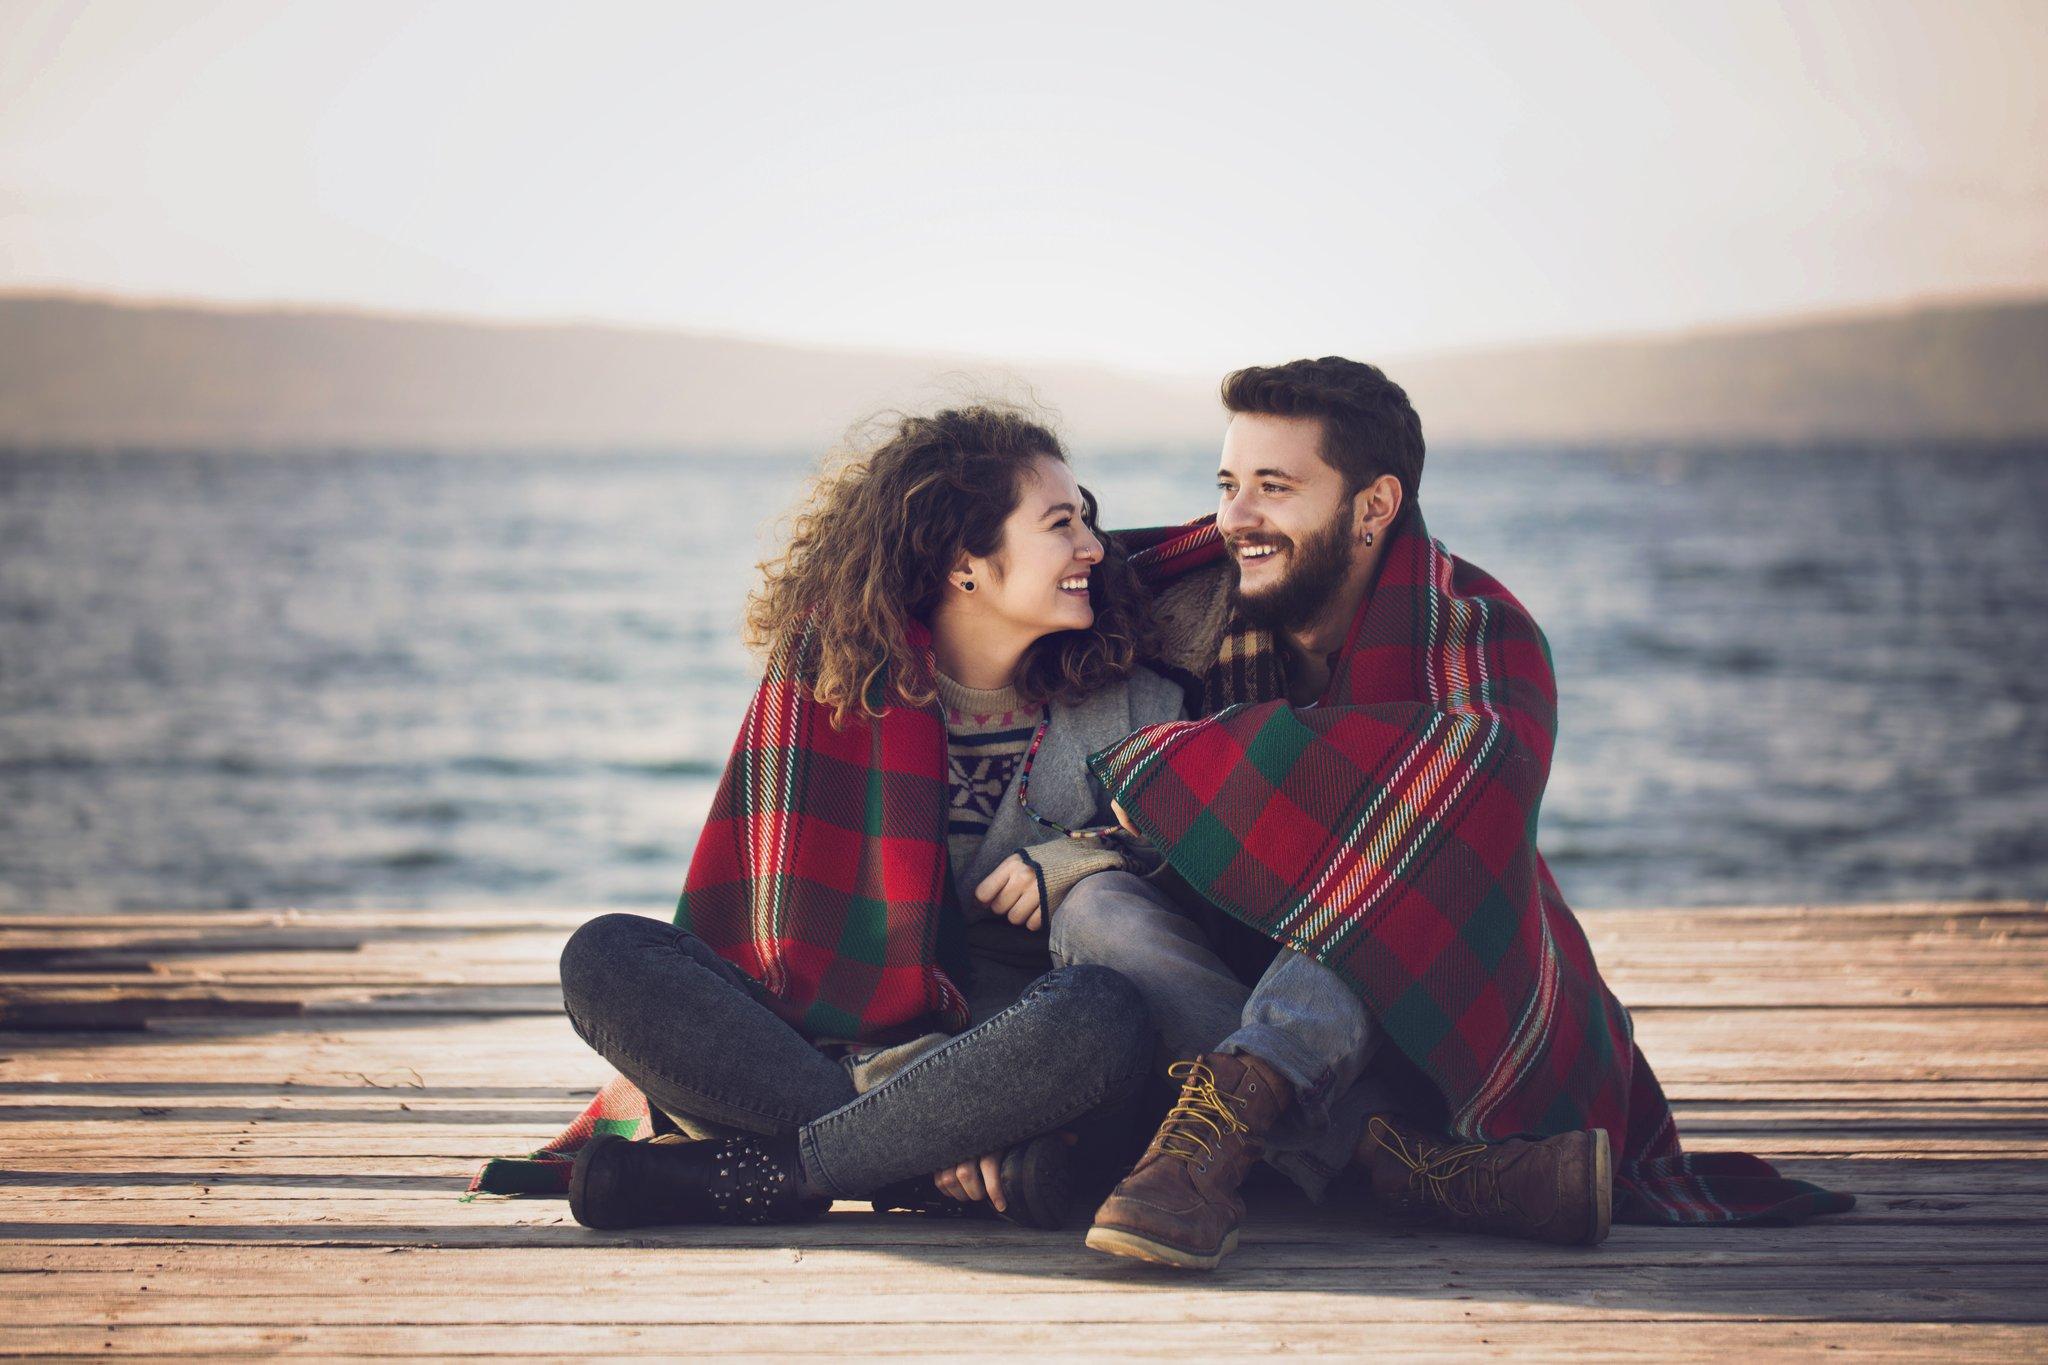 بالصور اجمل صور حب رومانسيه , اروع كلام فى الرومانسيه 5204 16